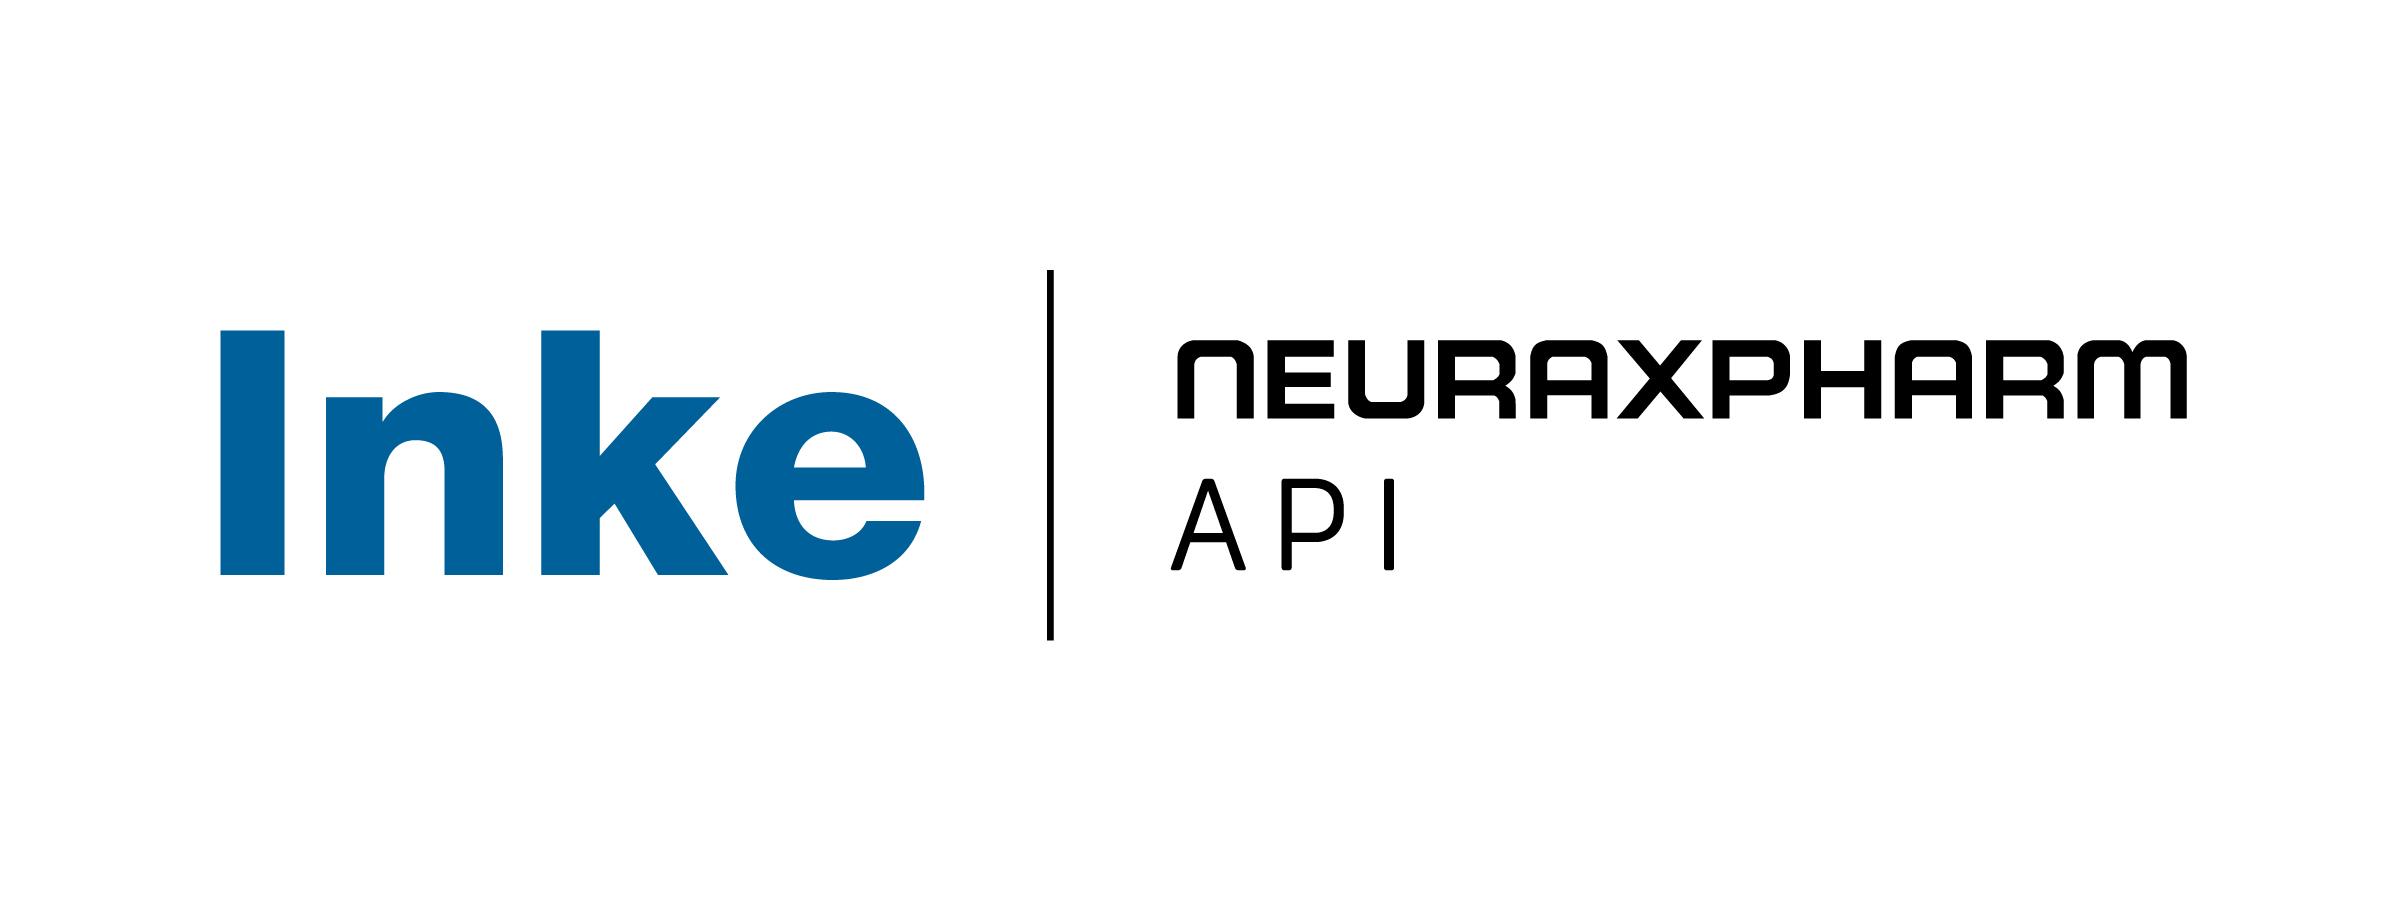 https://www.neuraxpharm.com/